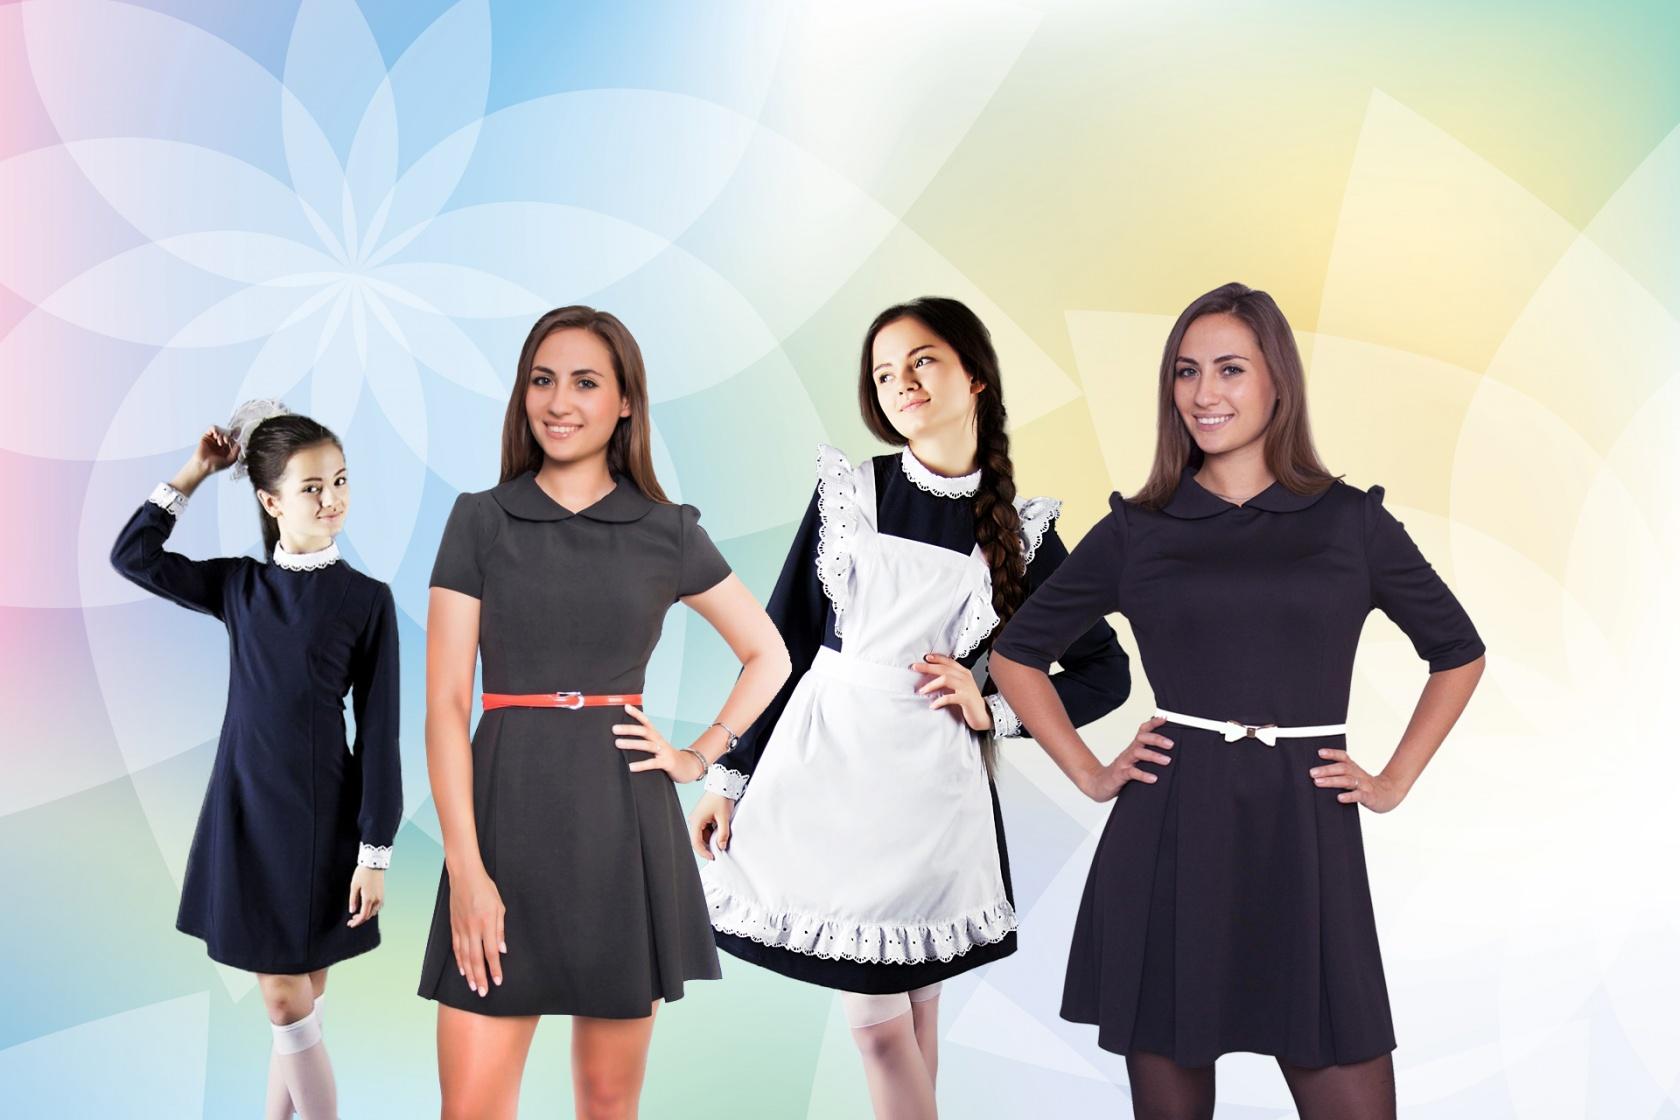 купить школьную форму для девочки в Новосибирске